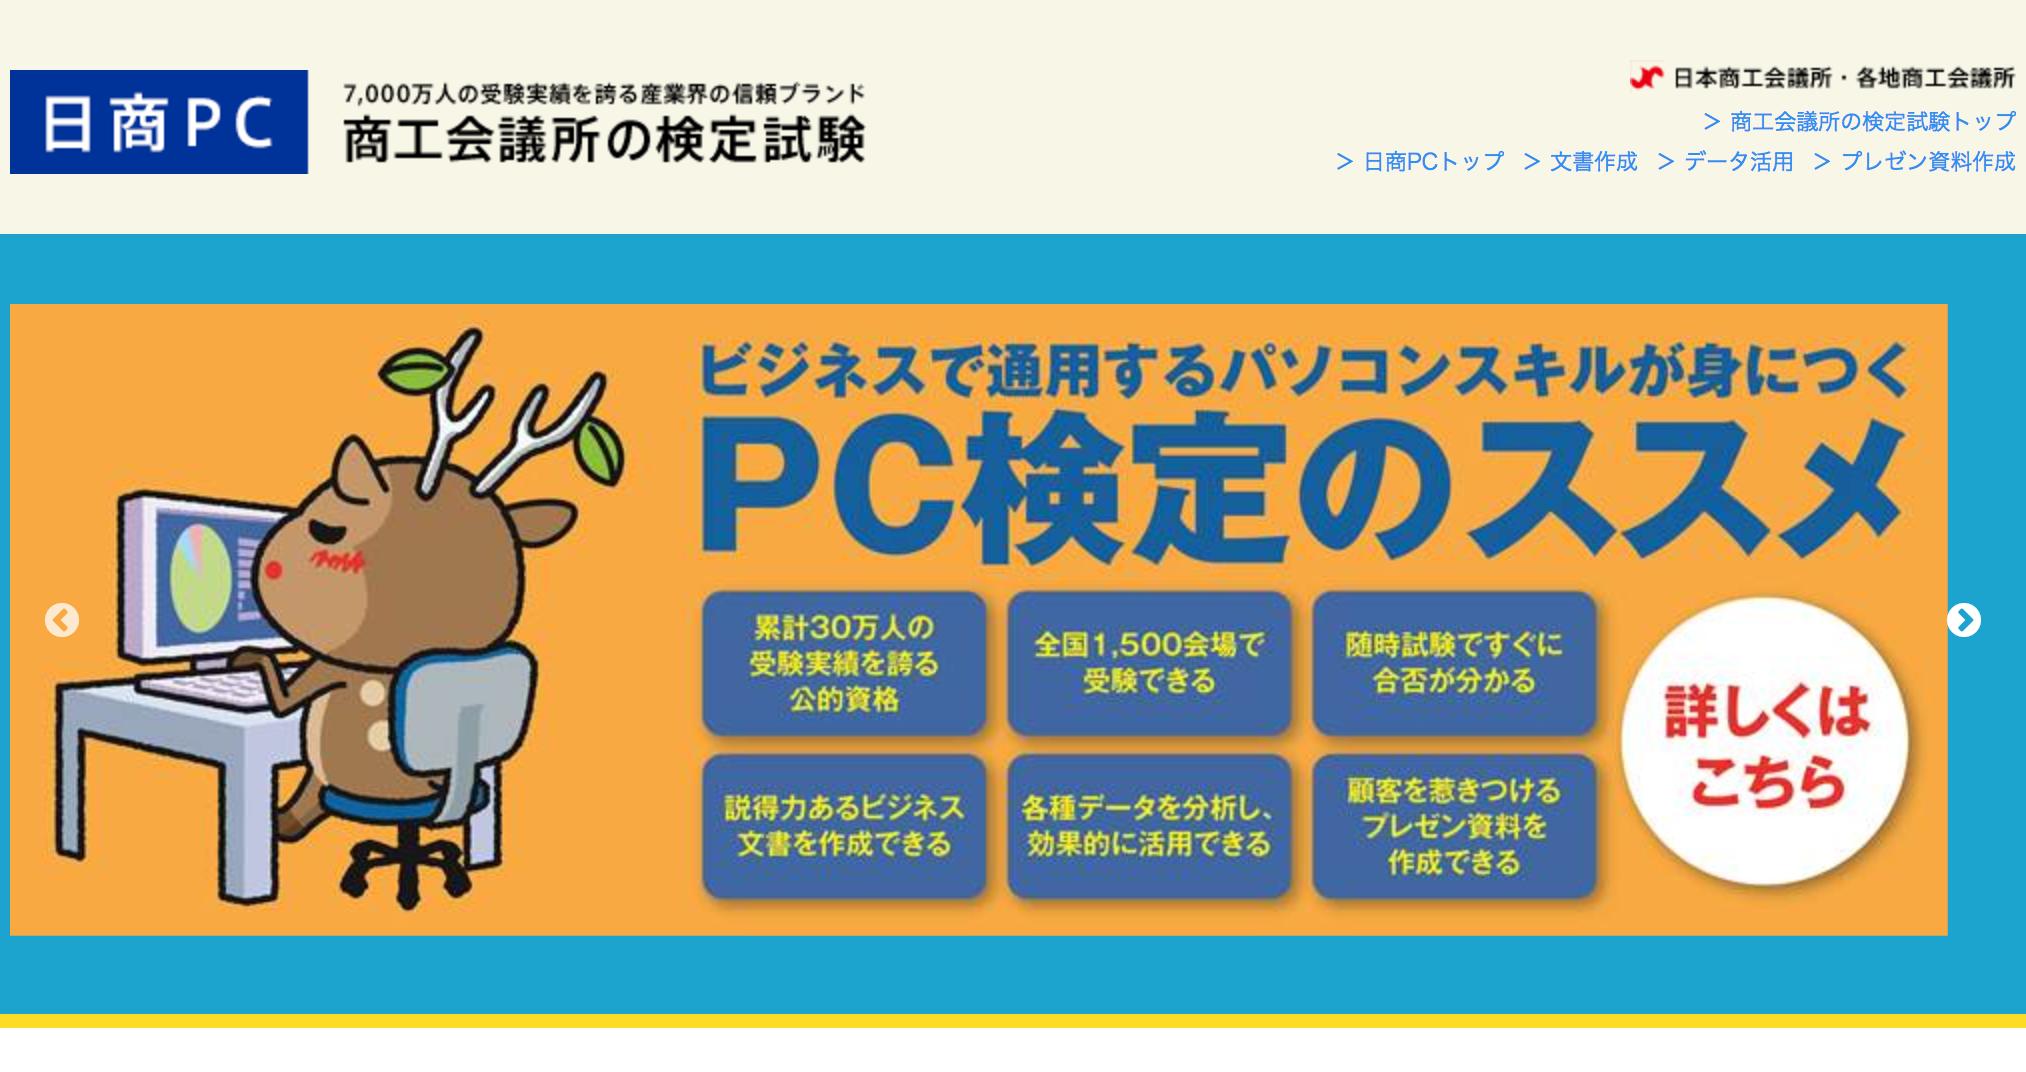 FireShot Capture 236 - 日商PC I 商工会議所の検定試験 - https___www.kentei.ne.jp_pc